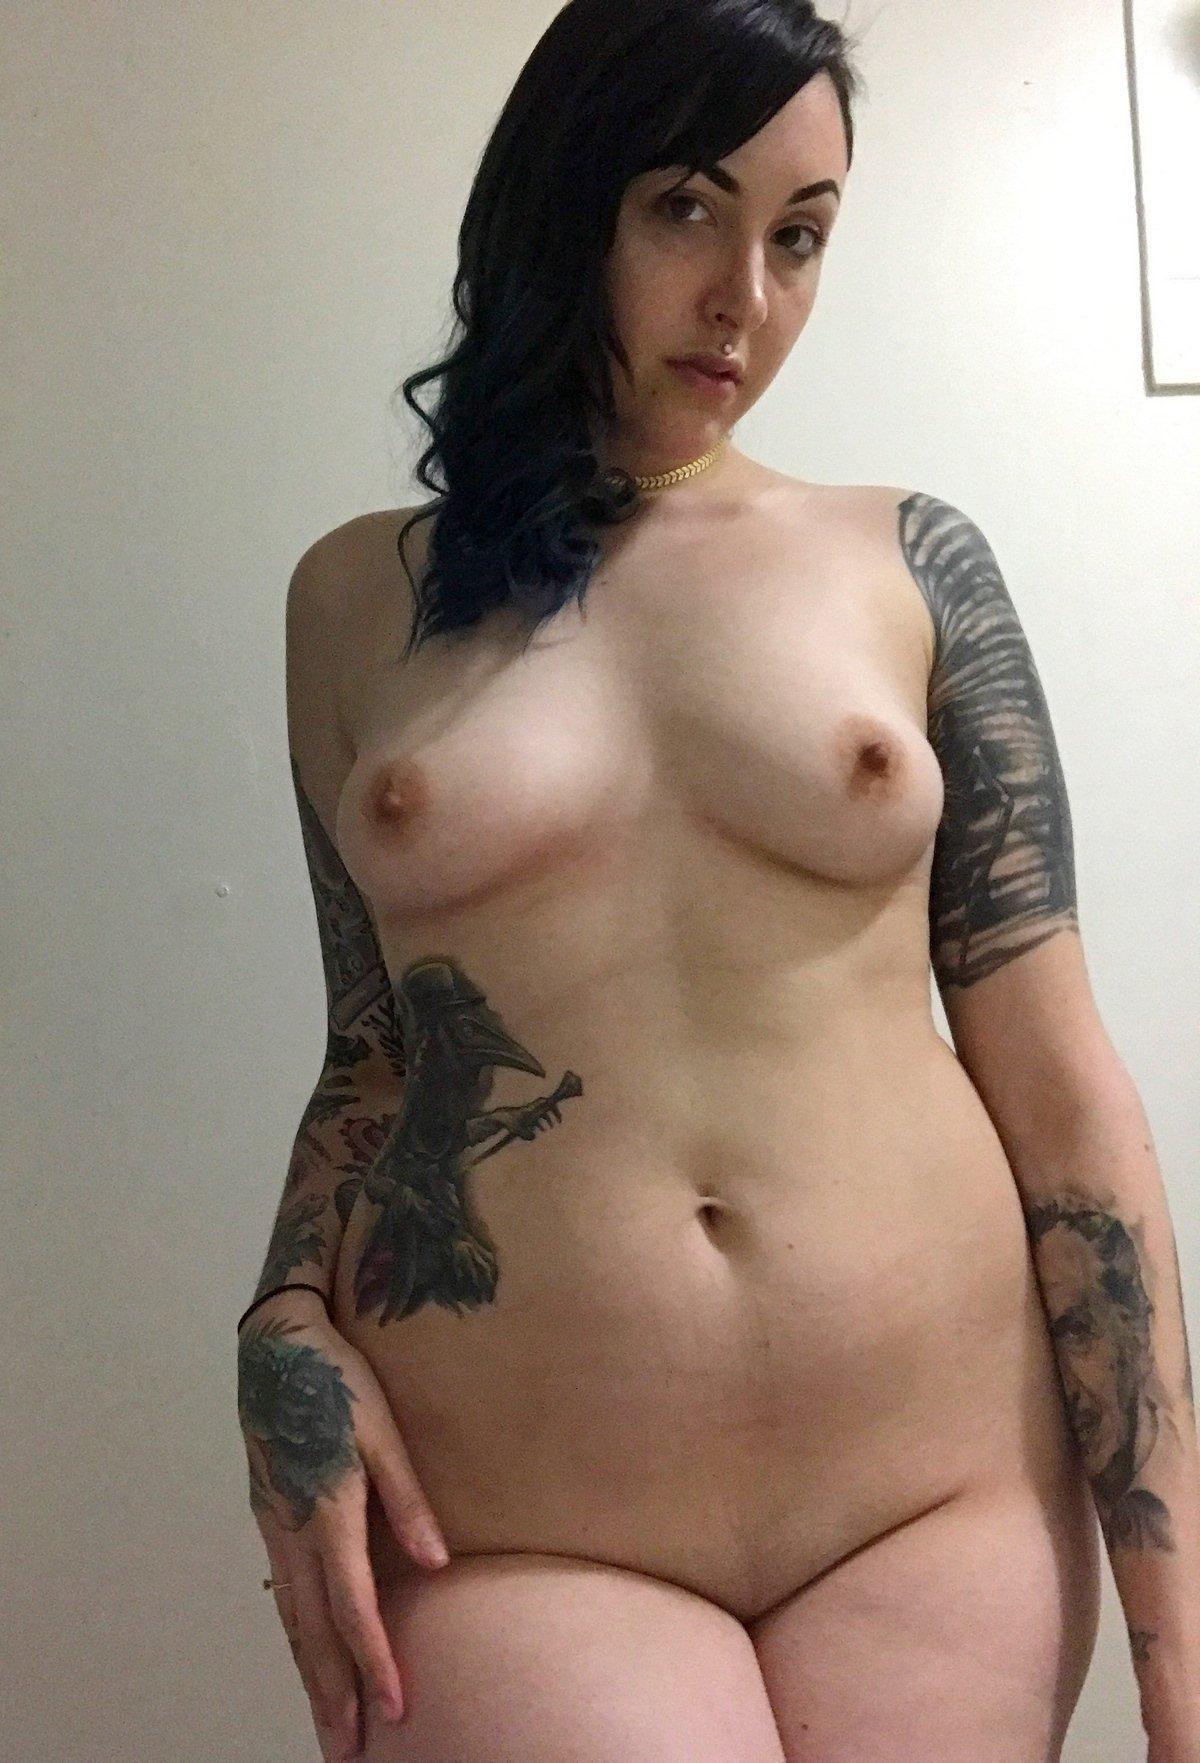 Порно брюнетка с татуировкой над попой